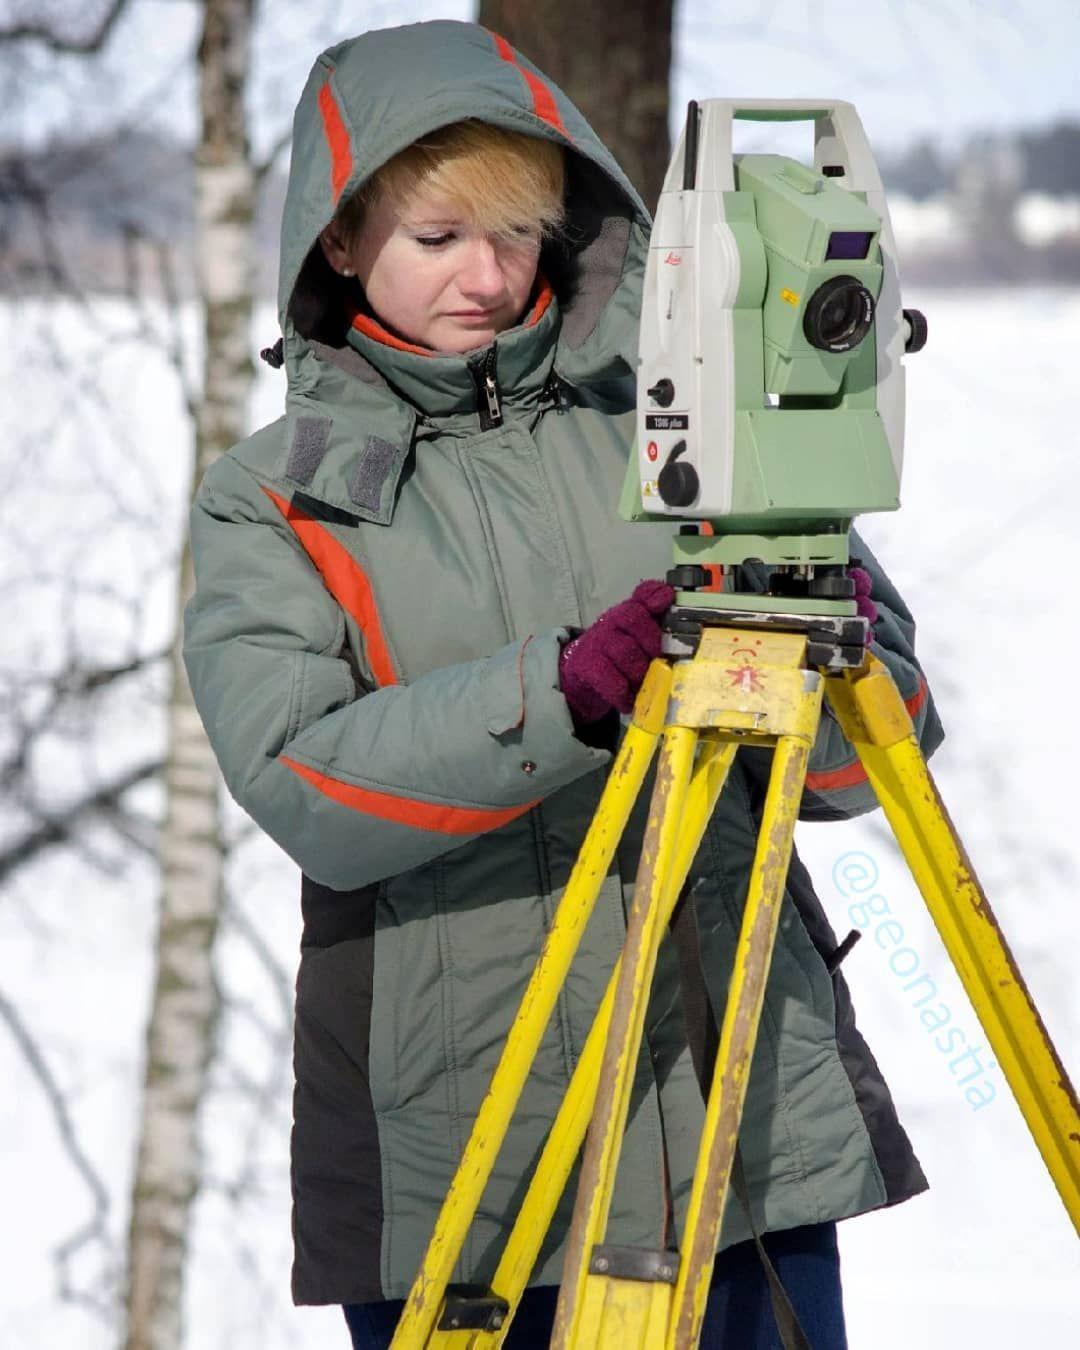 Работа геодезистом для девушек работа в интернете на дому девушке